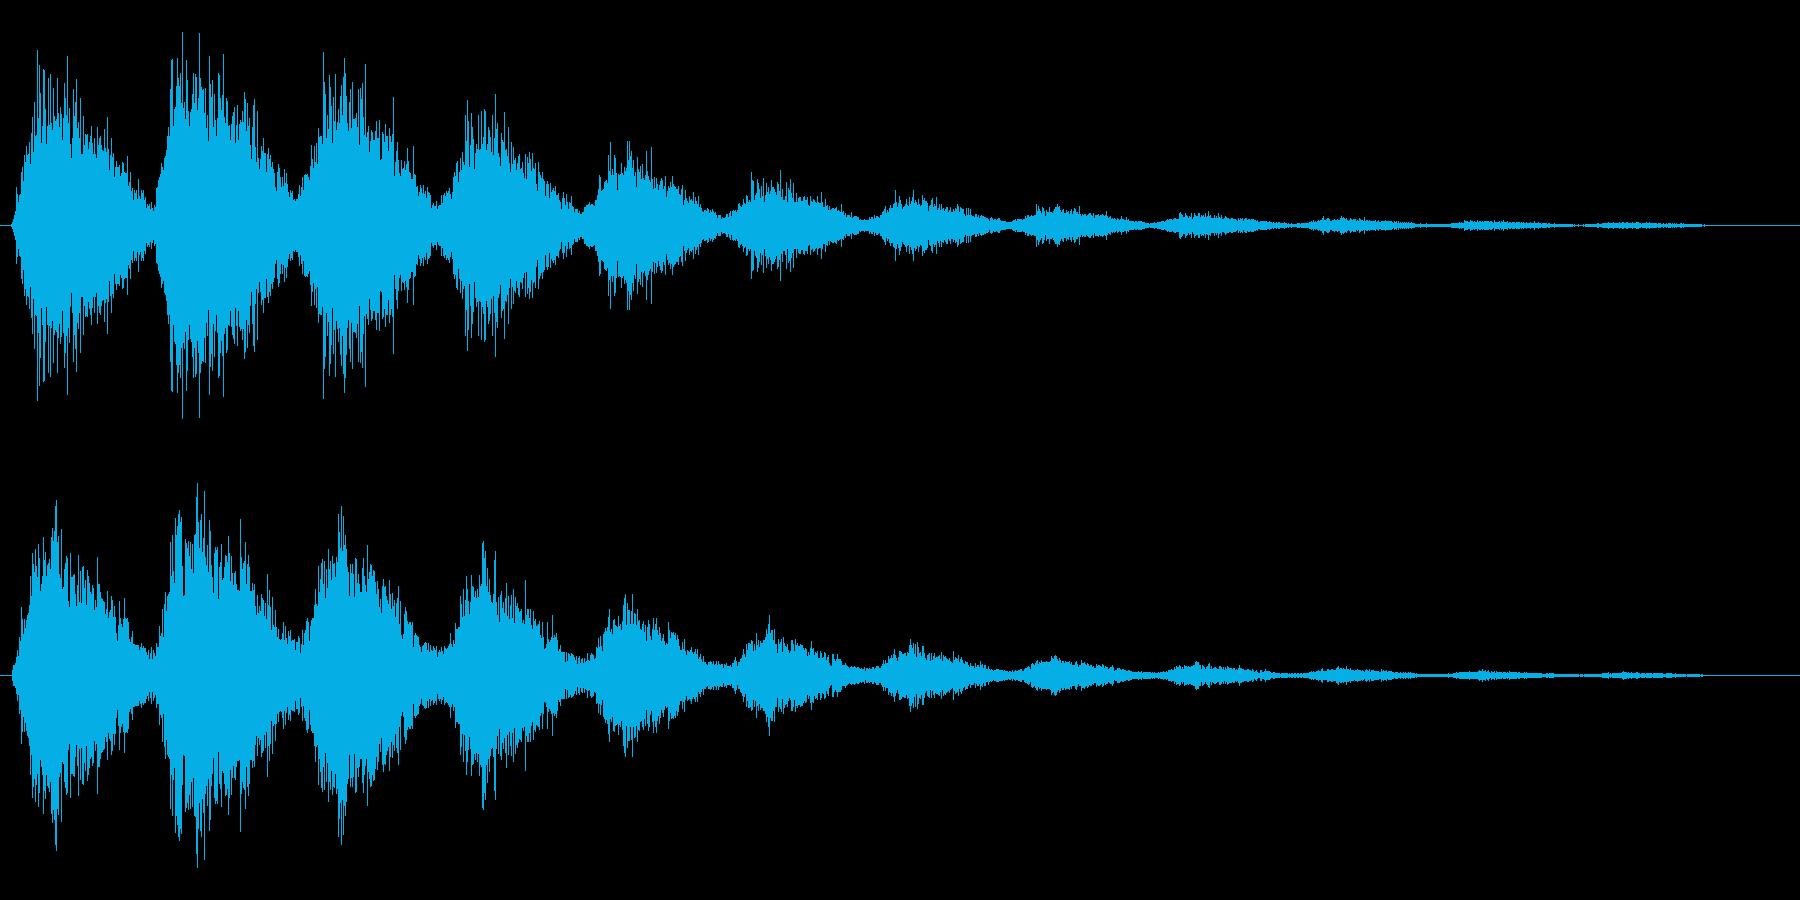 ピシャシャシャ(閃光が走った効果音)の再生済みの波形